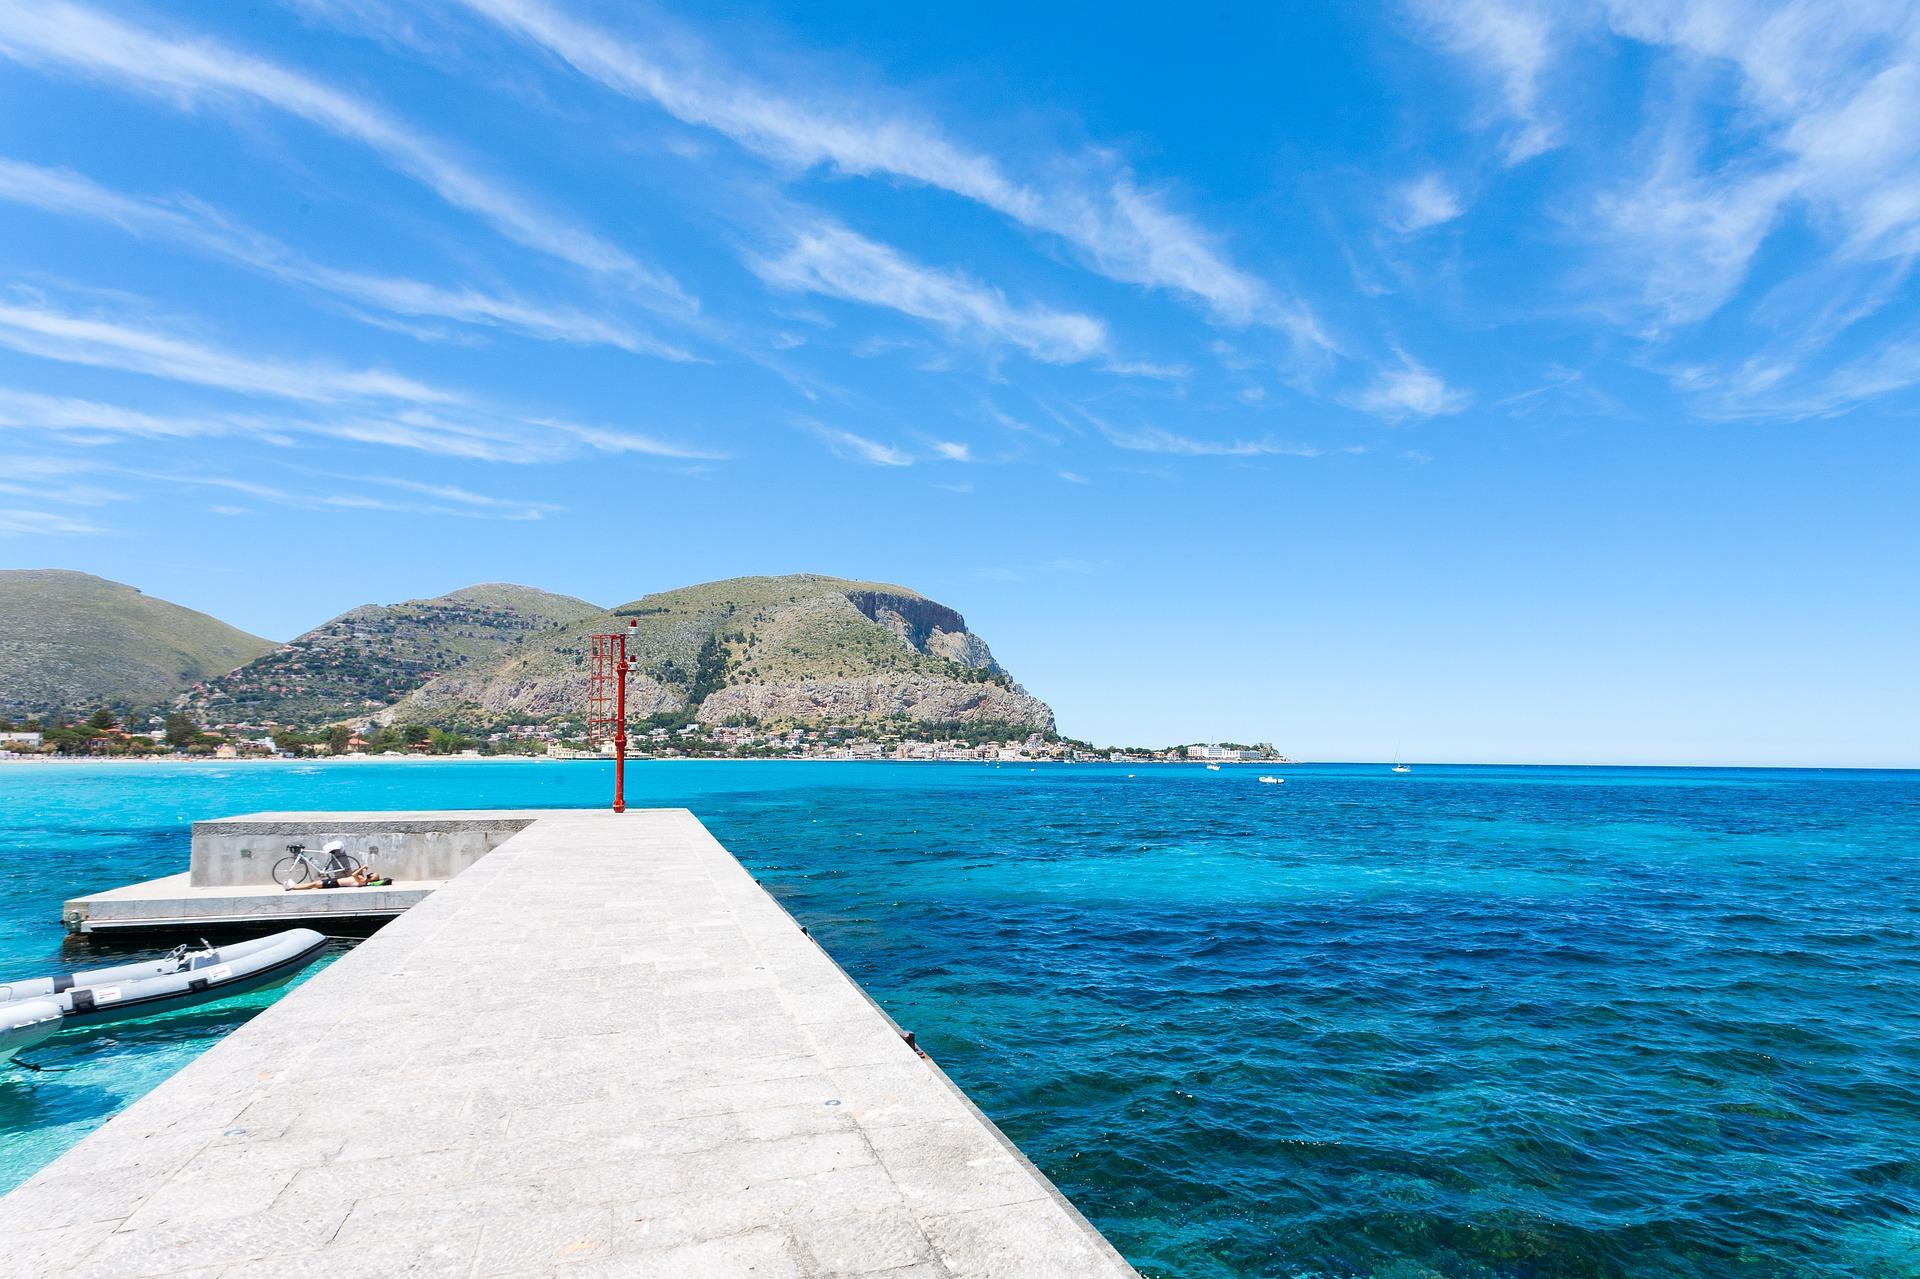 Palermo Städtereise - nur 38,89€ 2 Nächte Flug und Hotel